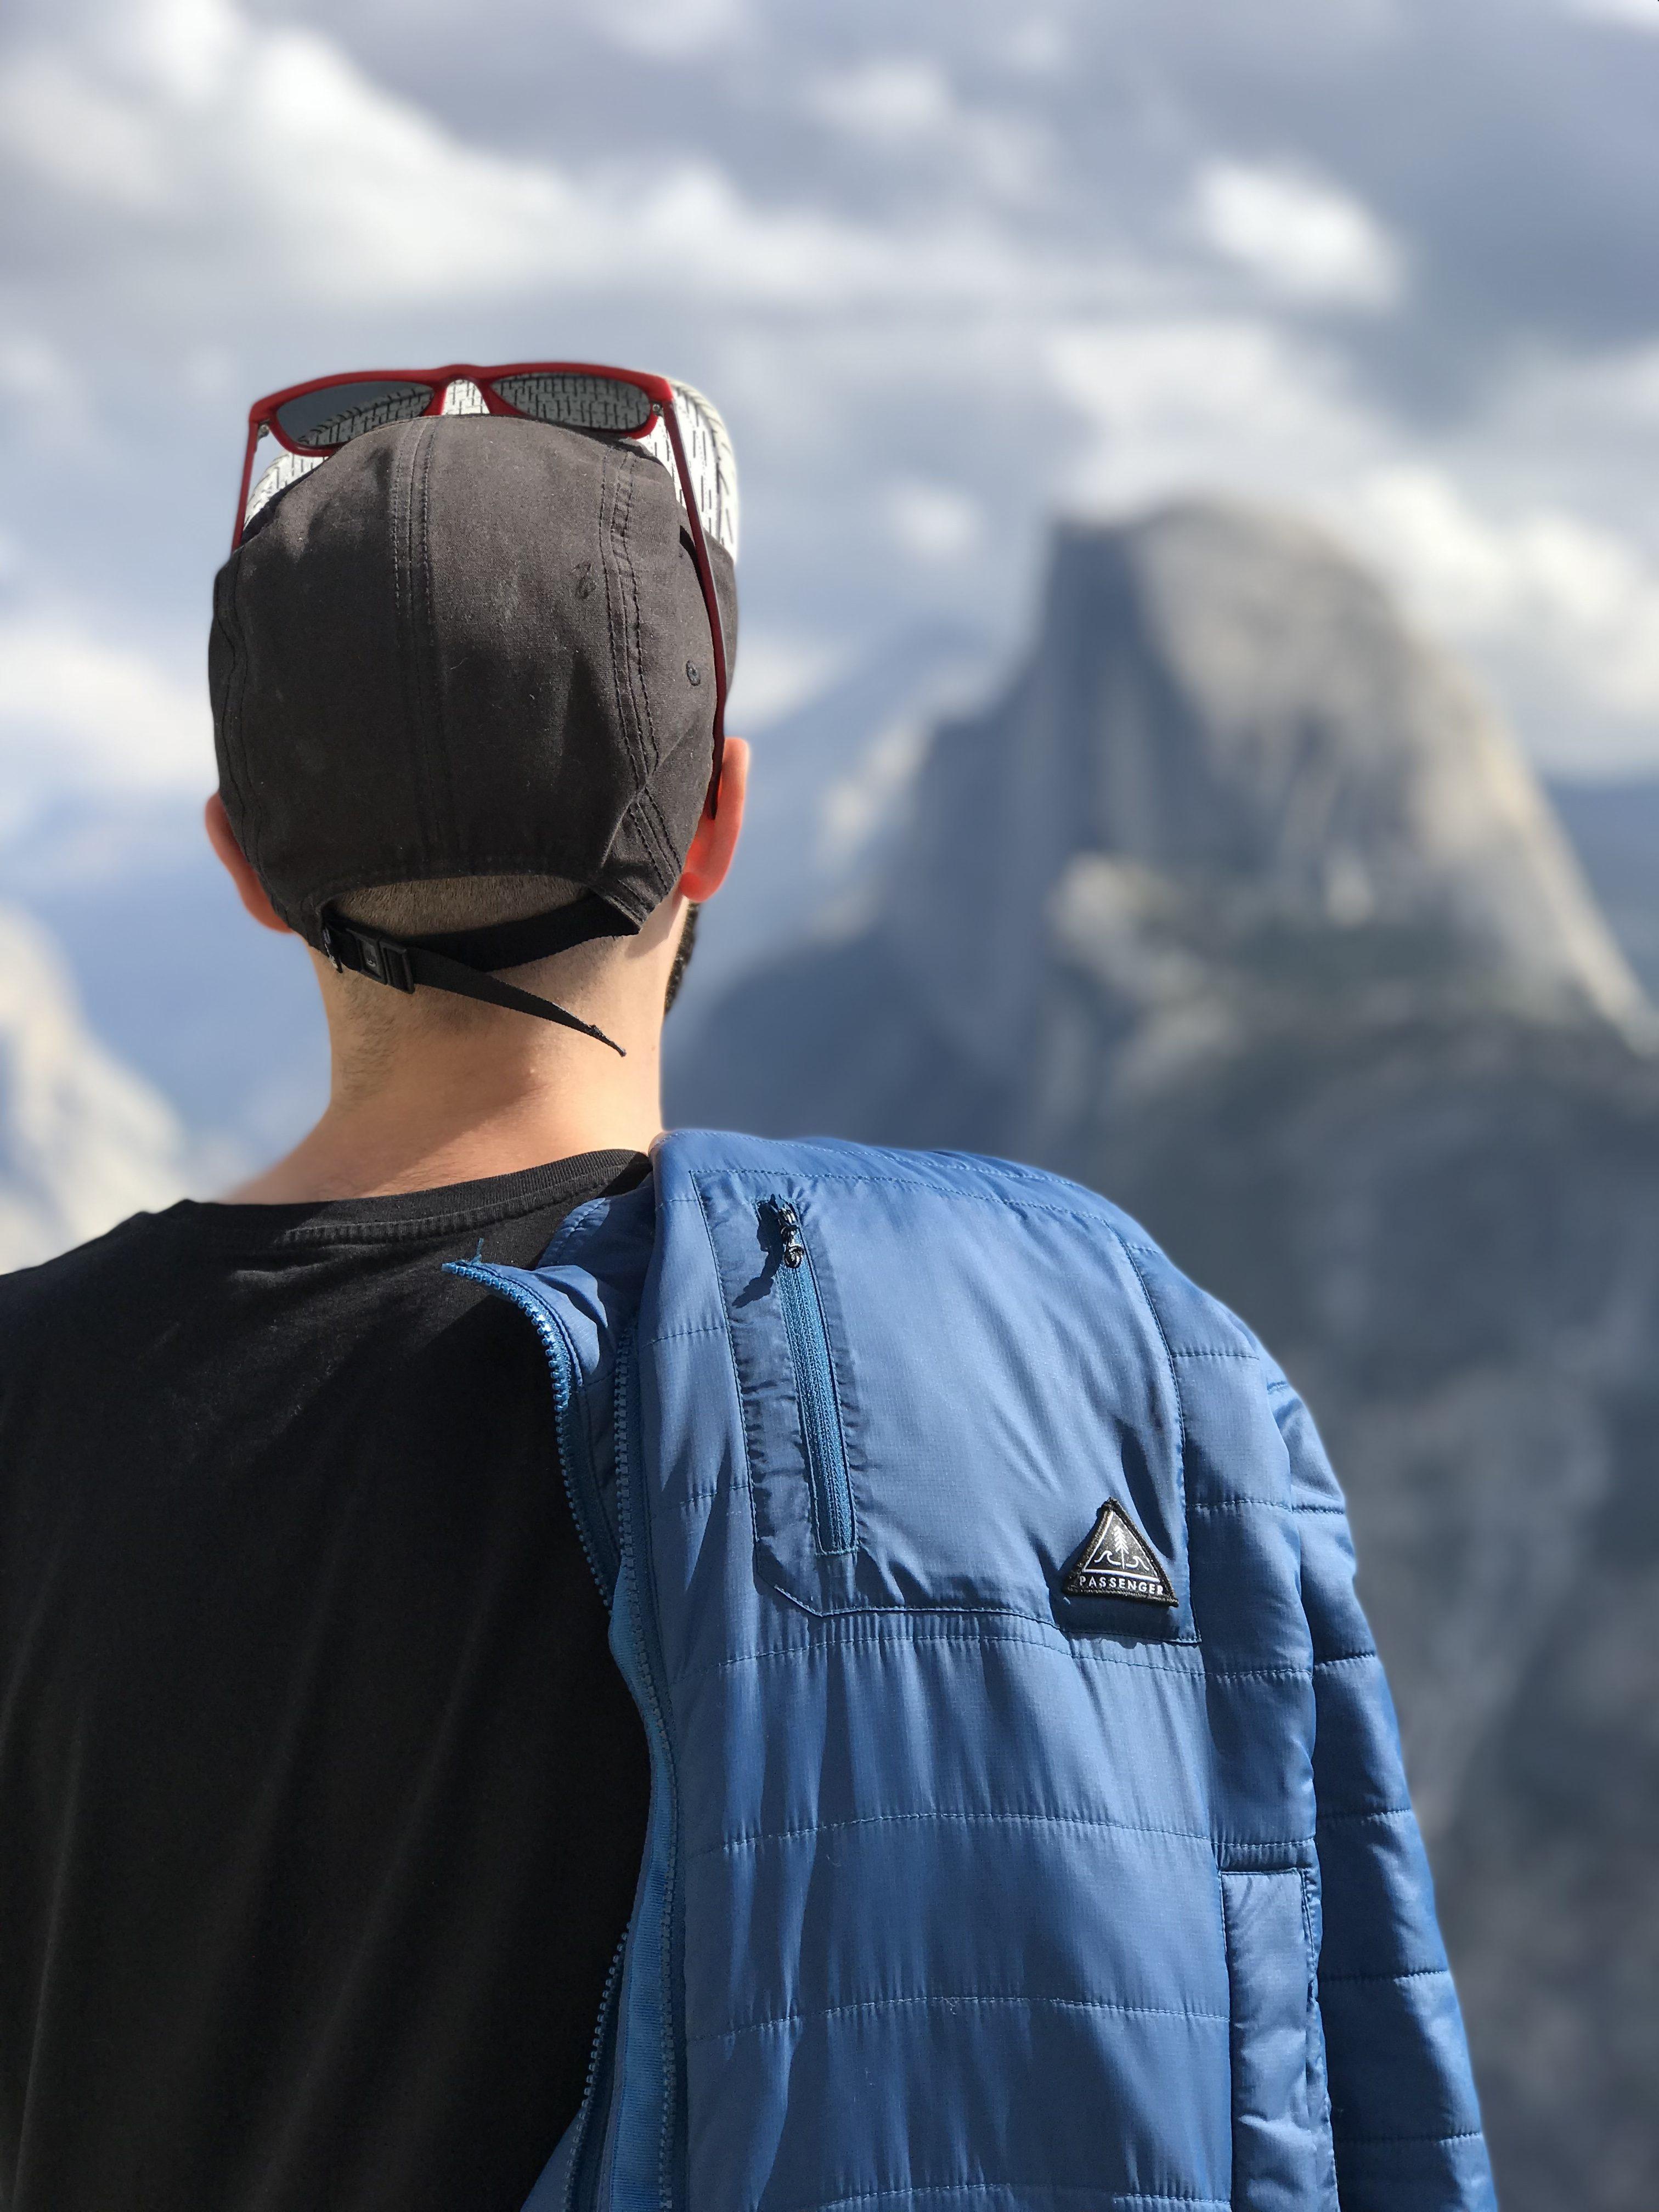 Van Life Clothing - Tracker Packaway Jacket